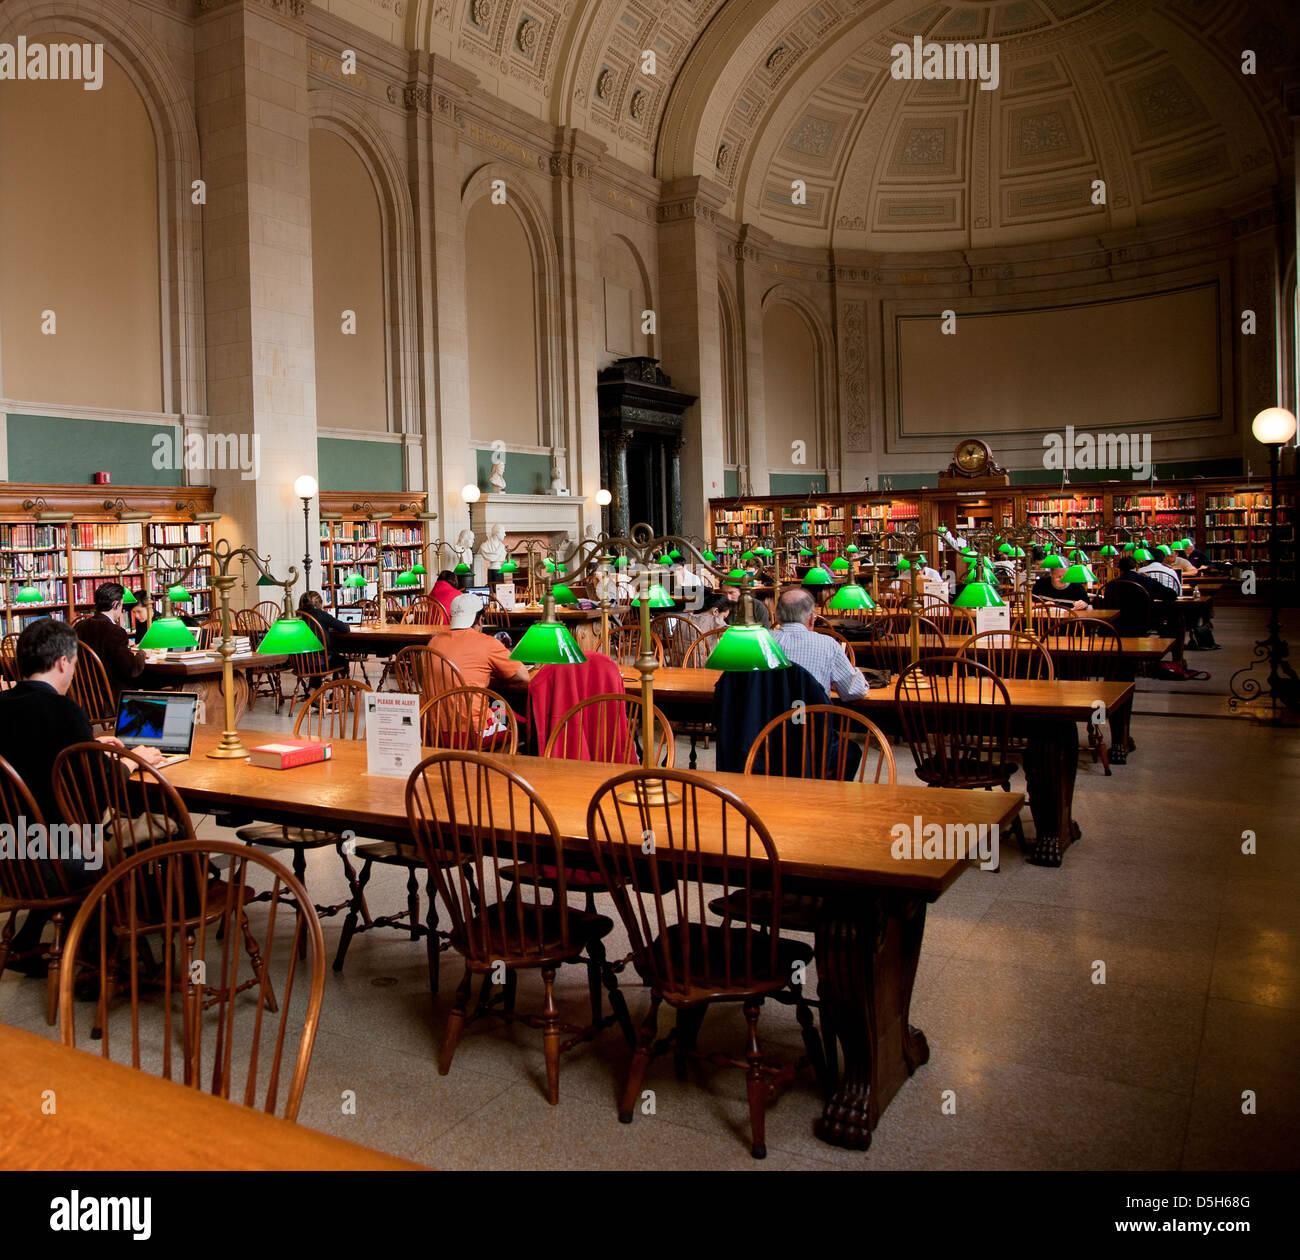 Interior view of reading area of historic Boston Public Library, McKim Building, Boston, MA - Stock Image